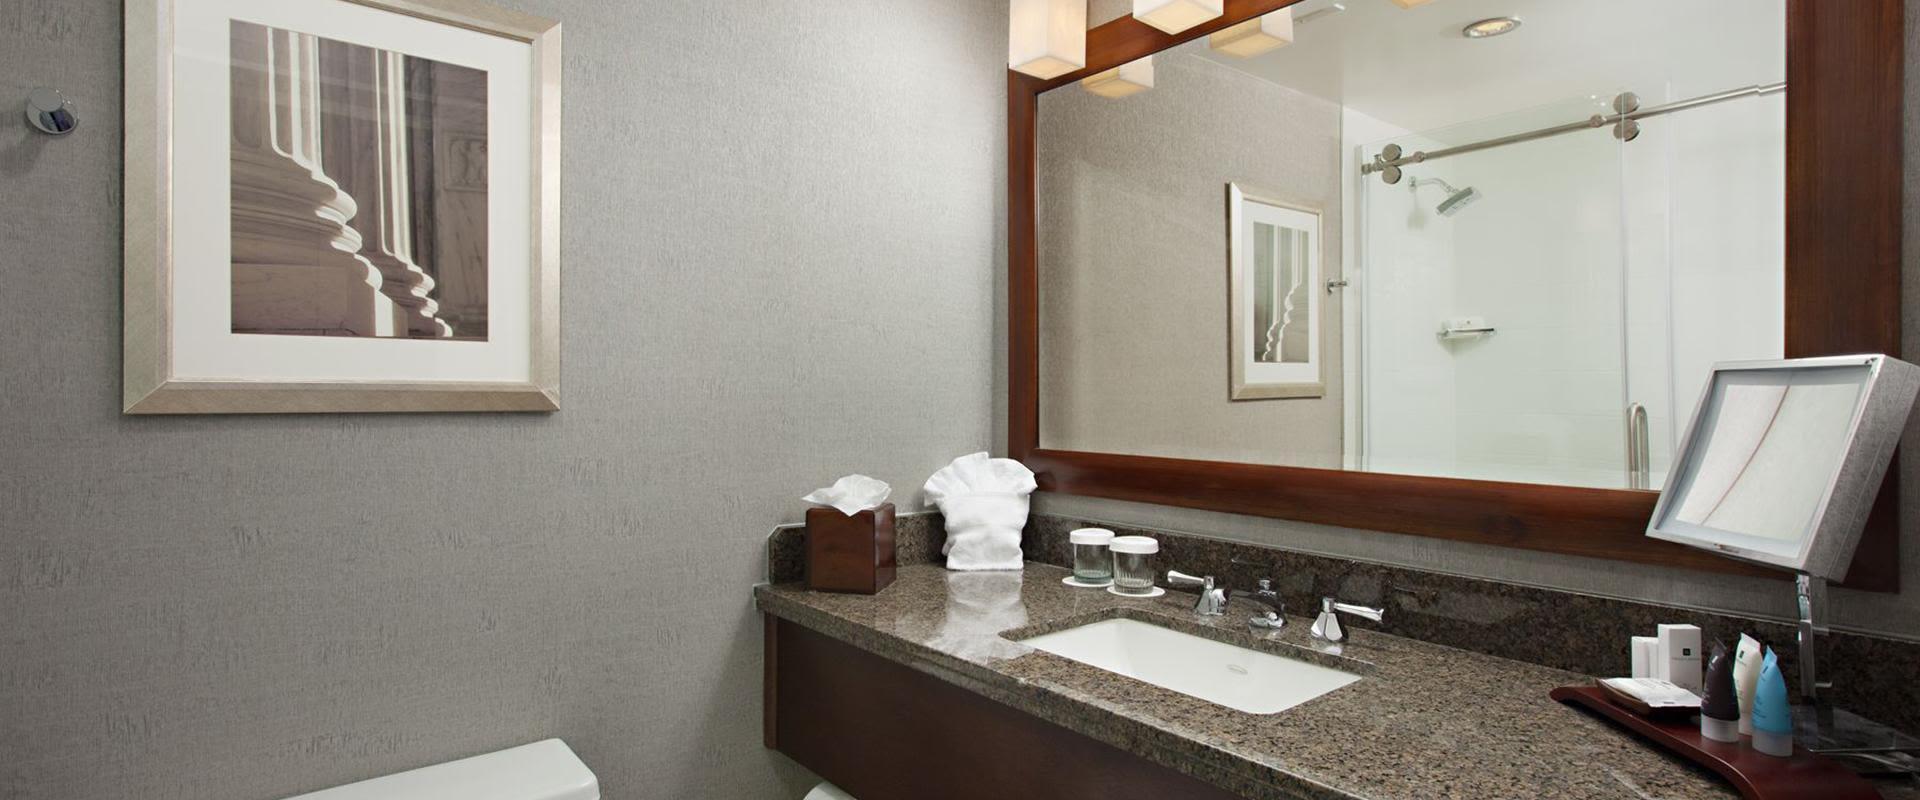 Charlotte Hotel Guest Bathroom Vanity